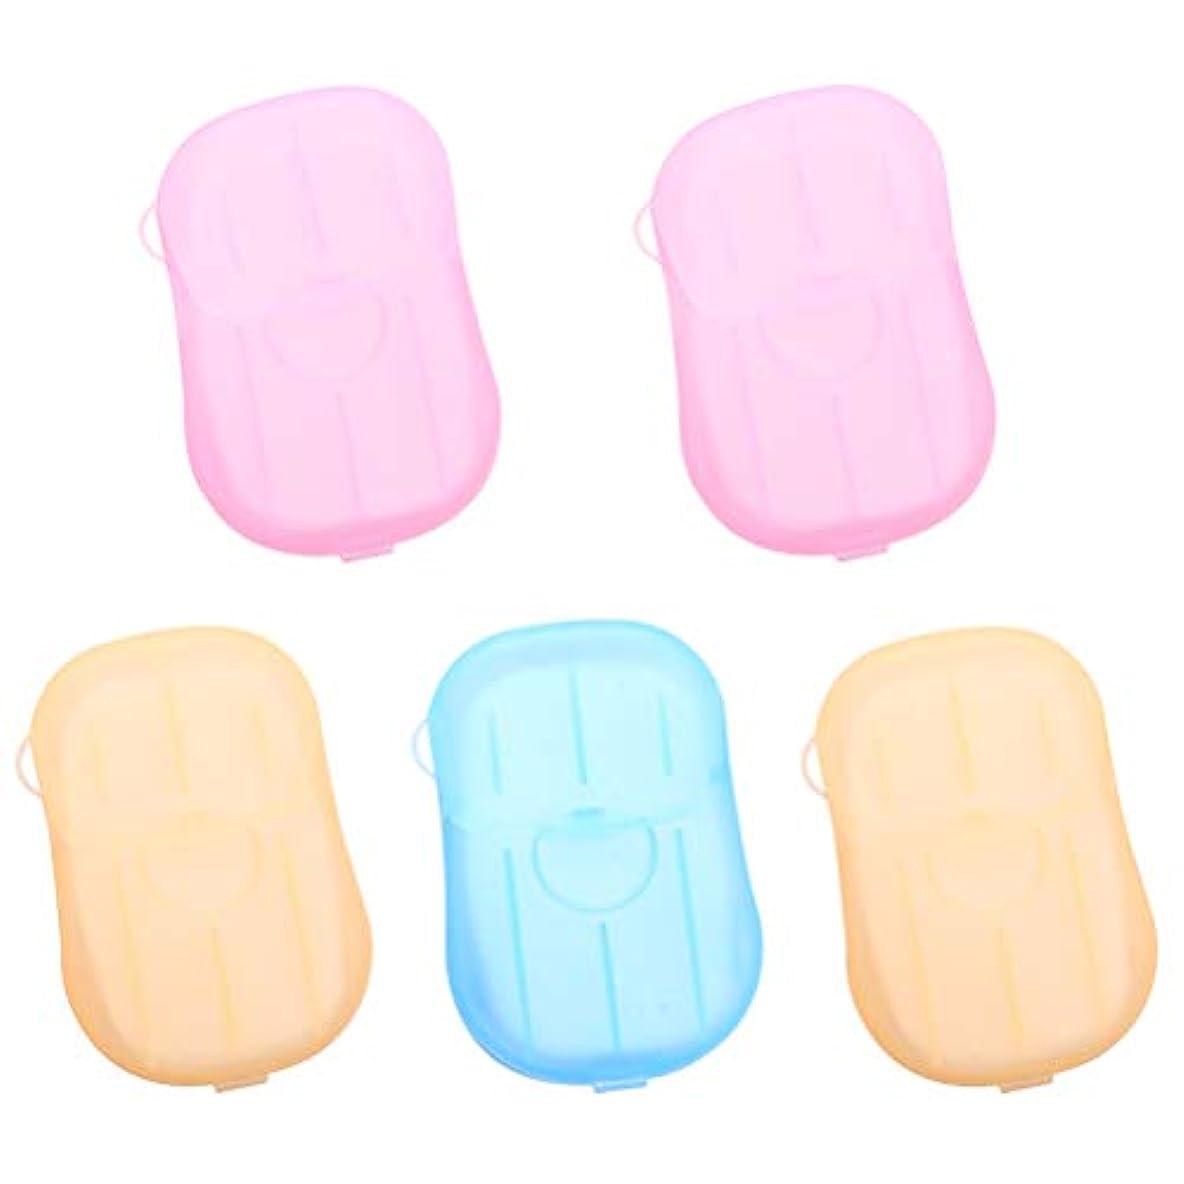 八自体ラグHealifty 5pcs乾燥石鹸は、発泡ボックスの紙の石鹸のフレークを洗うハンドバス石鹸のスライドシート